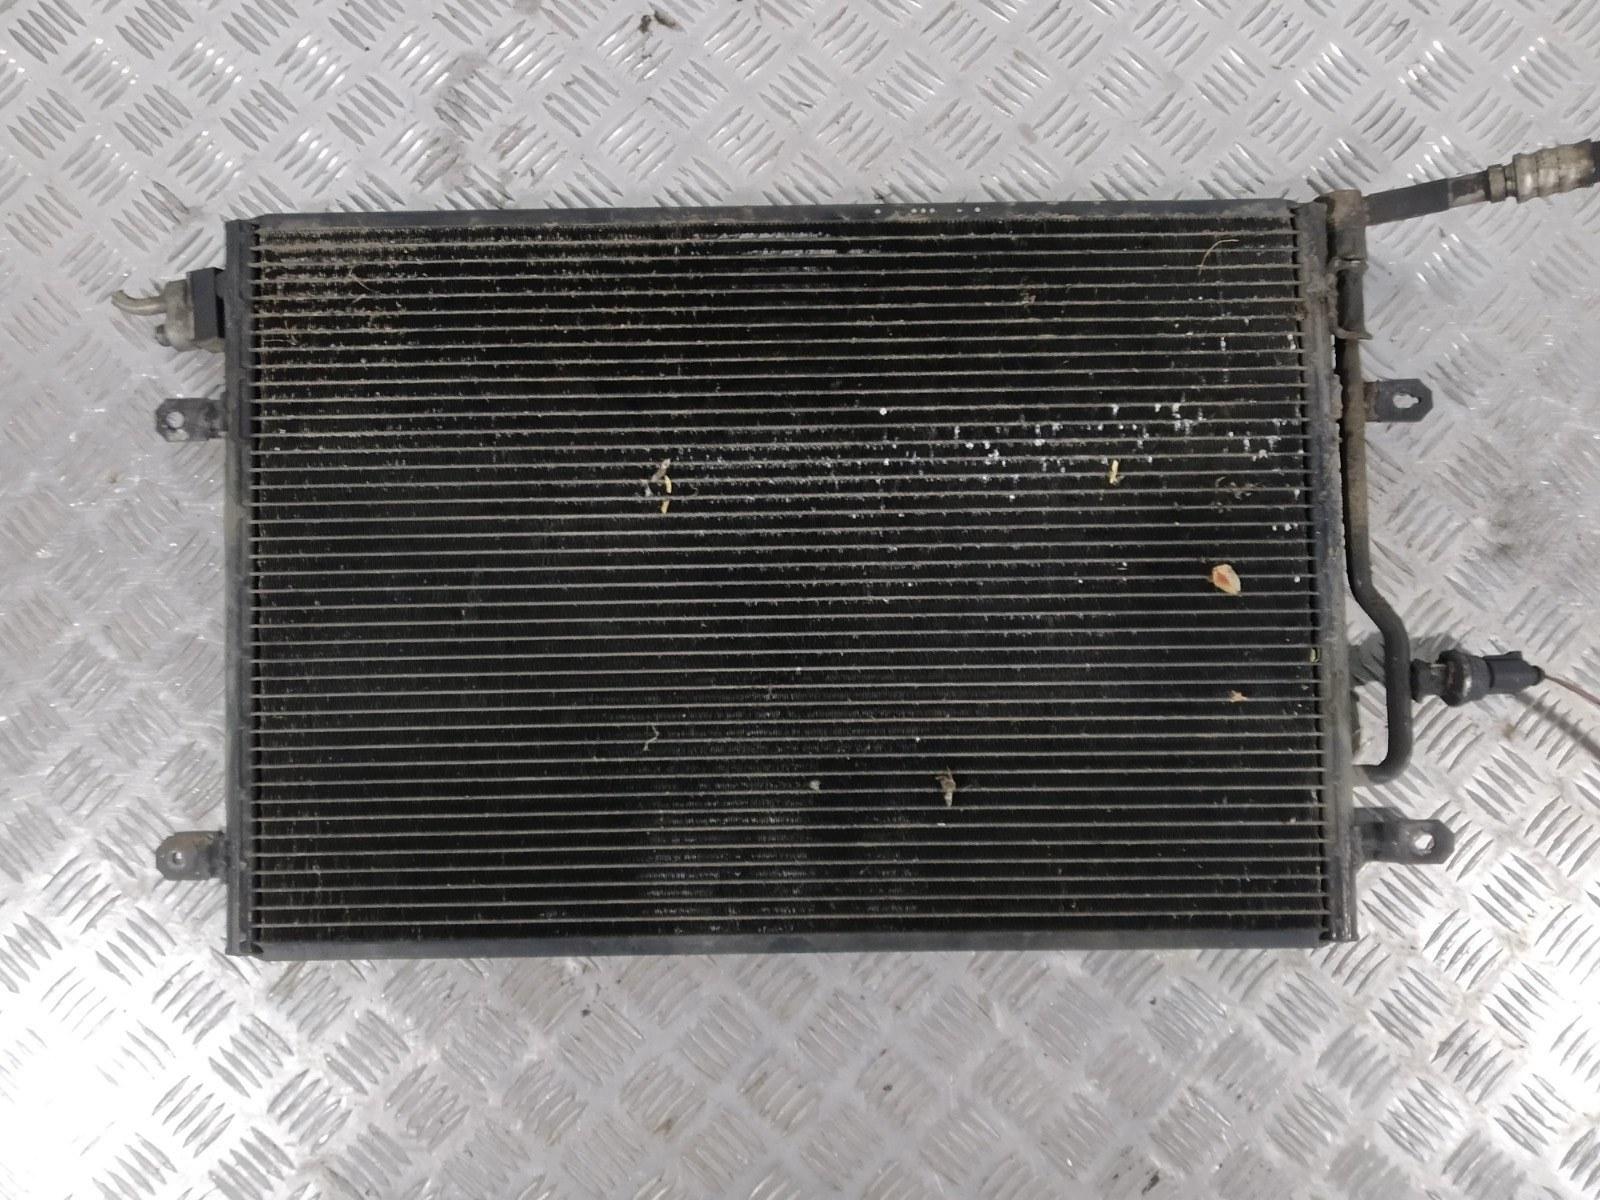 Радиатор кондиционера Audi A4 B6 2.0 I 2001 (б/у)